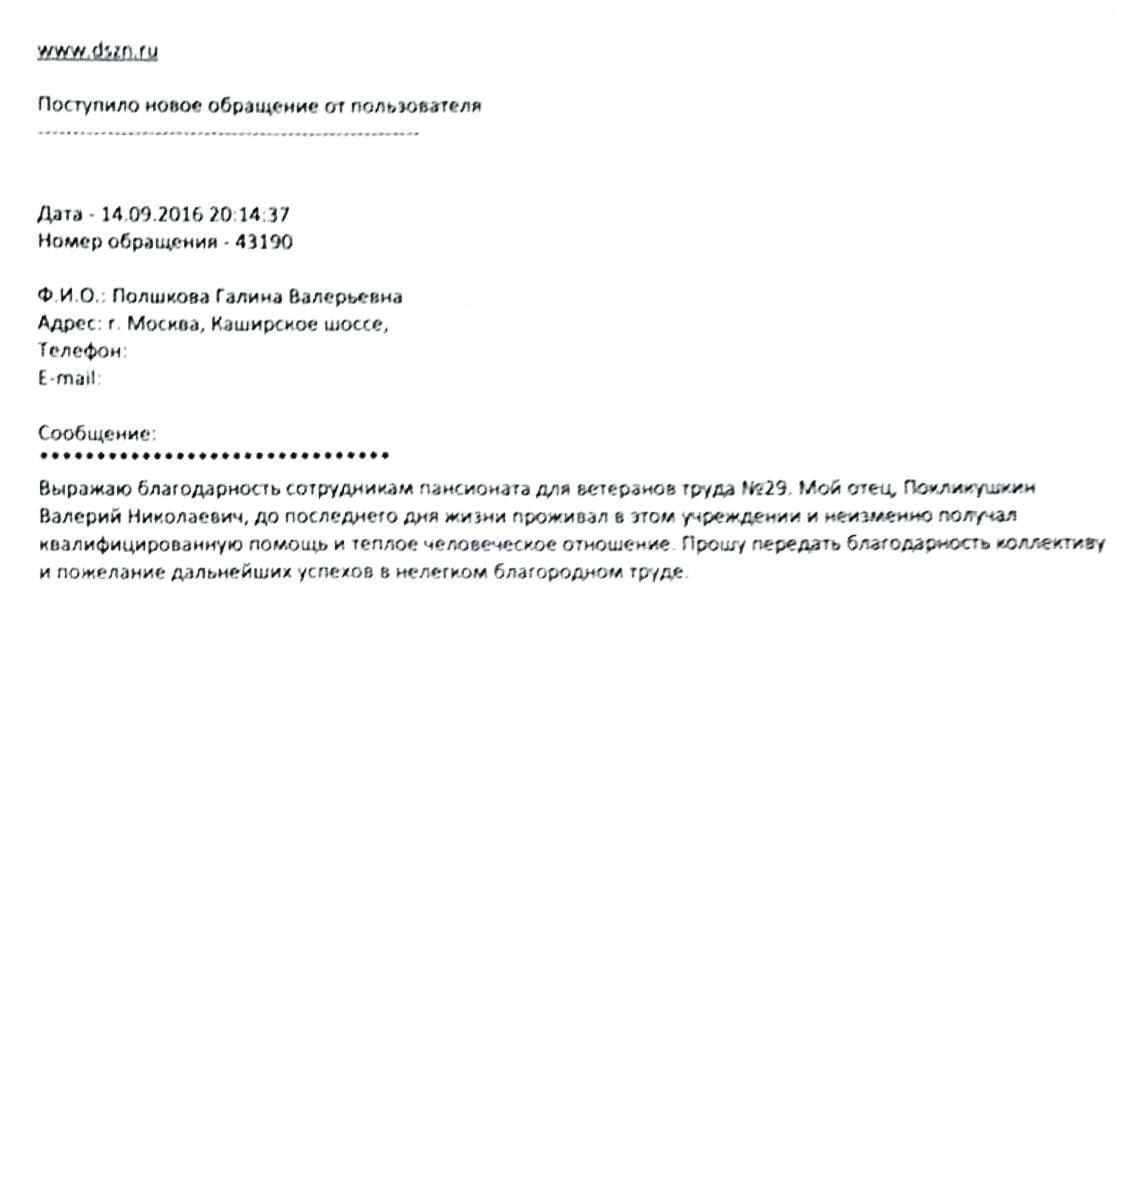 Оригинал отзыва Полшковой Г. В.